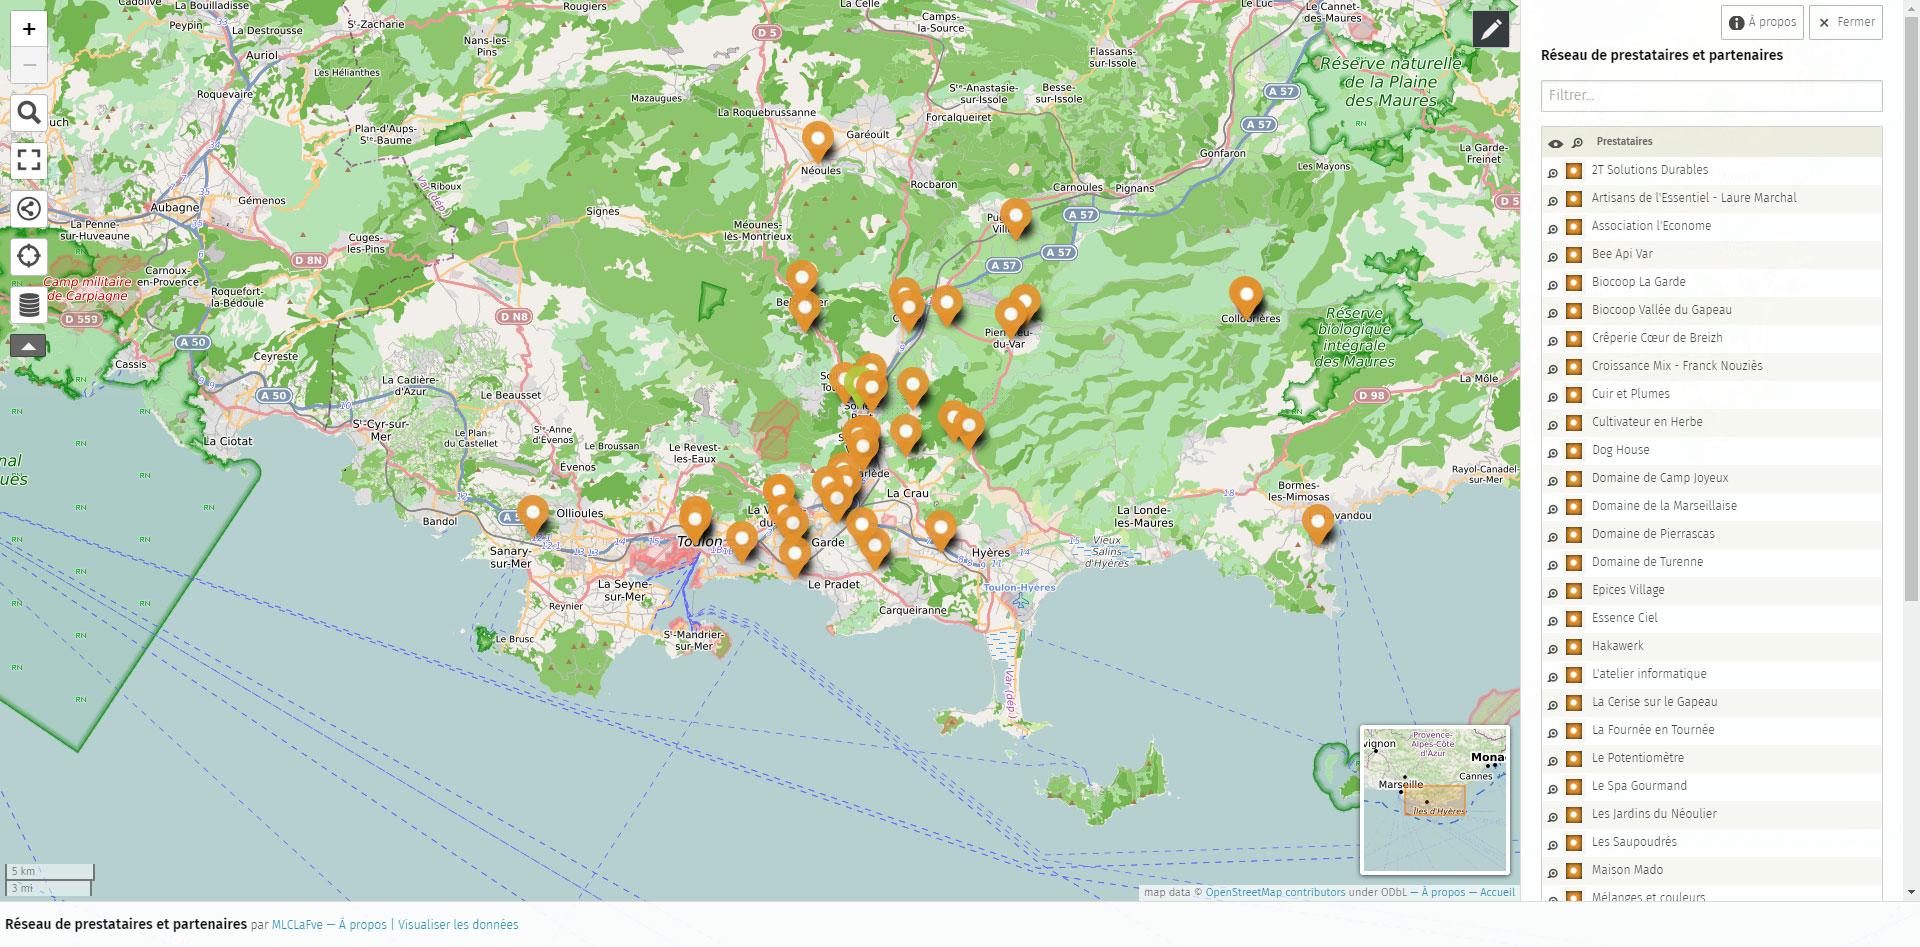 Carte du réseau de prestataires de La Fève